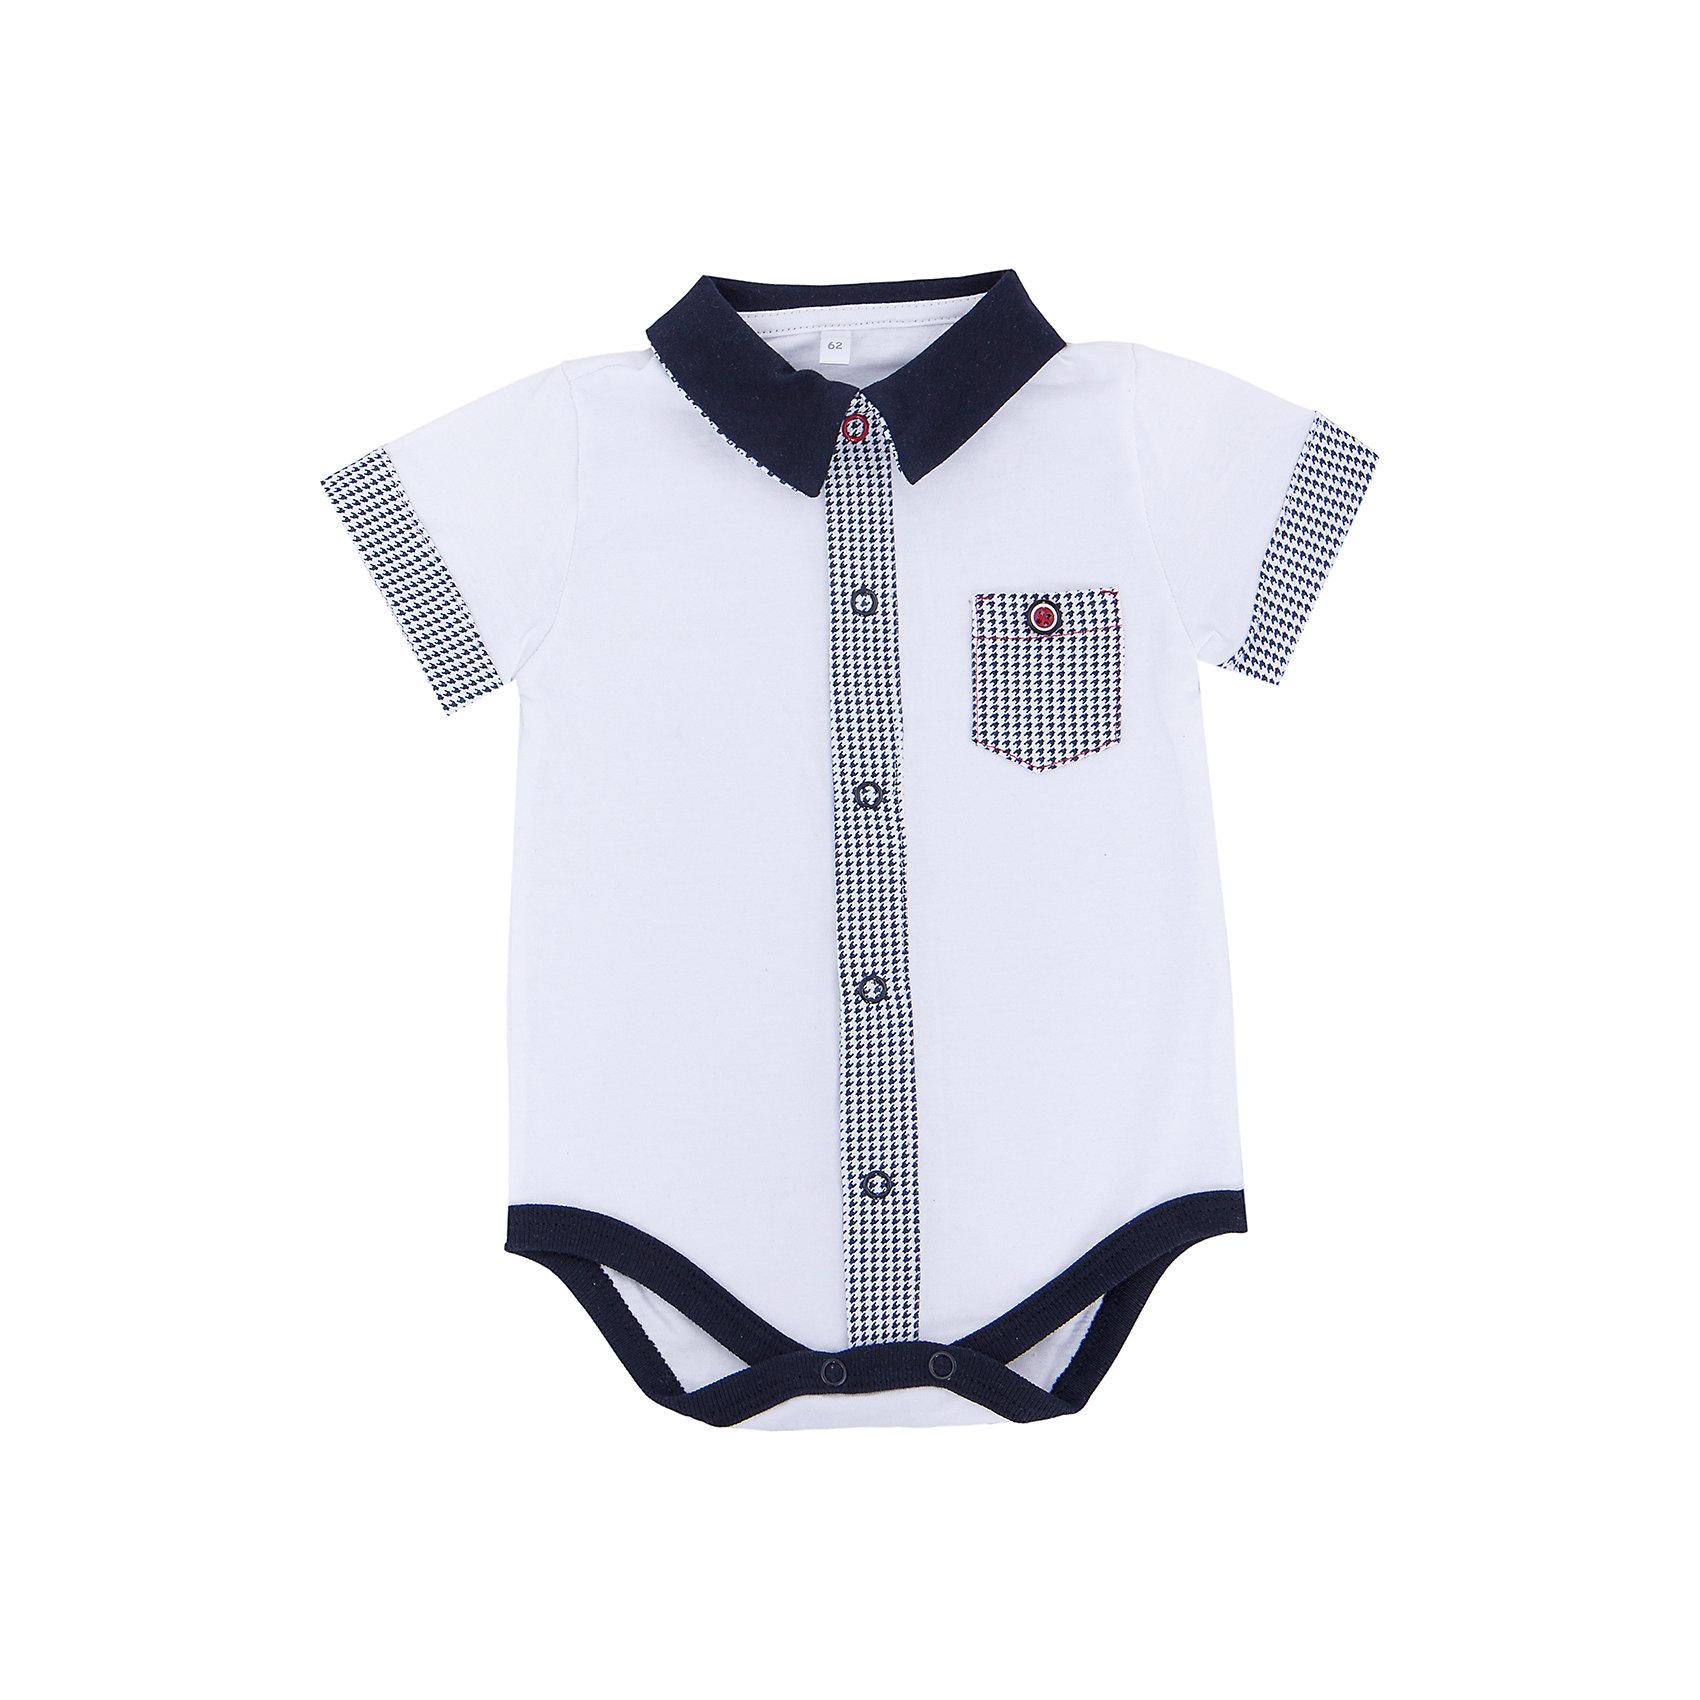 Боди для мальчика Soni KidsБоди для мальчика от популярной марки Soni Kids <br> <br>Модное боди в черно-белой гамме сшито из мягкого дышащего хлопка. Это гипоаллергенный материал, который отлично подходит для детской одежды. Правильный крой обеспечит ребенку удобство, не будет натирать и стеснять движения. <br> <br>Особенности модели: <br> <br>- цвет - белый; <br>- материал - натуральный хлопок; <br>- черная отделка; <br>- кармашек на груди; <br>- мягкая окантовка; <br>- отложной воротник; <br>- рукава короткие, с отделкой; <br>- застежки - кнопки впереди и внизу. <br> <br>Дополнительная информация: <br> <br>Состав: 100% хлопок <br> <br>Боди для мальчика от популярной марки Soni Kids (Сони Кидс) можно купить в нашем магазине.<br><br>Ширина мм: 157<br>Глубина мм: 13<br>Высота мм: 119<br>Вес г: 200<br>Цвет: белый/серый<br>Возраст от месяцев: 3<br>Возраст до месяцев: 6<br>Пол: Мужской<br>Возраст: Детский<br>Размер: 68,62,74,86,80<br>SKU: 4545015